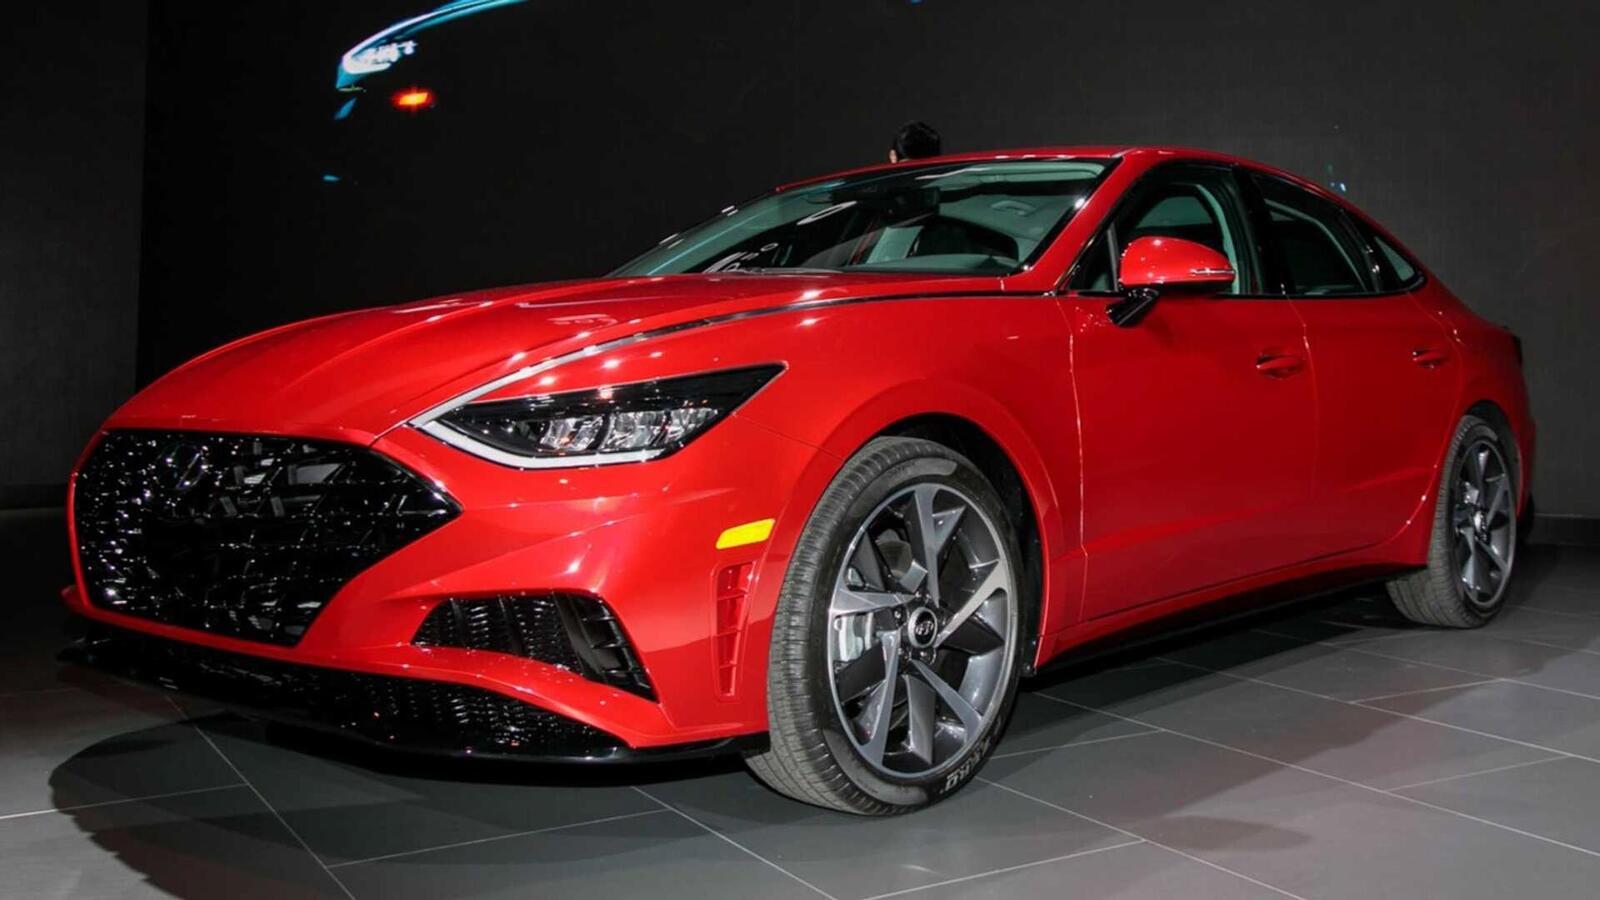 Hyundai đã ra mắt Sonata thế hệ thứ 8 tại Mỹ: Động cơ 1.6L tăng áp và 2.5L - Hình 1